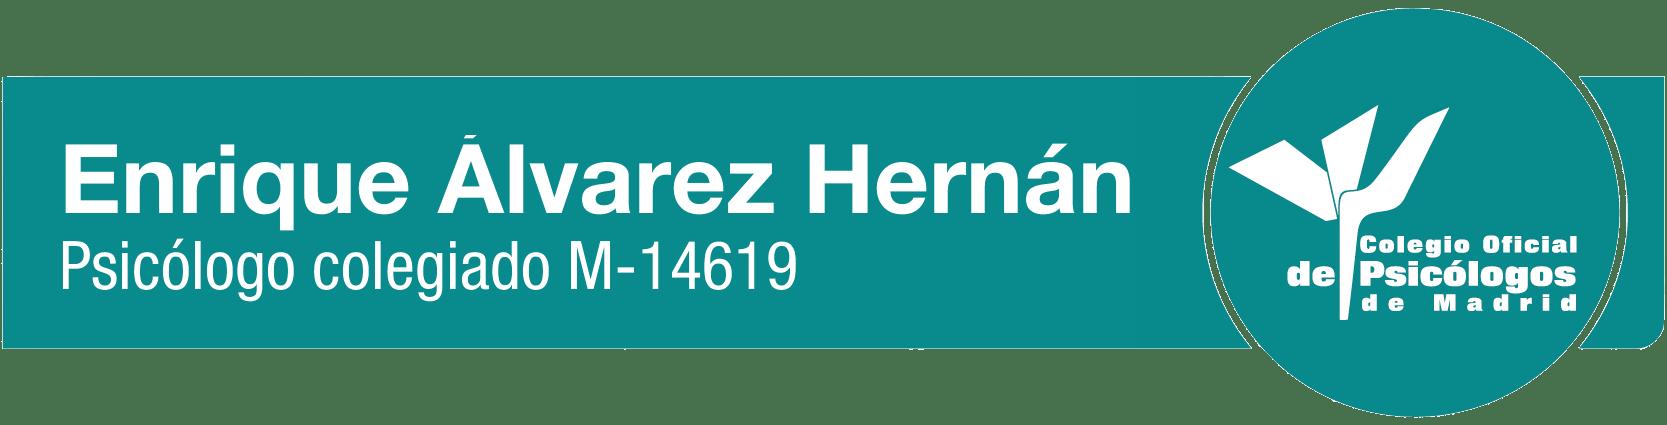 Enrique Álvarez Hernán Psicólogo Colegiado en el Colegio Oficial de la Psicología de Madrid, España